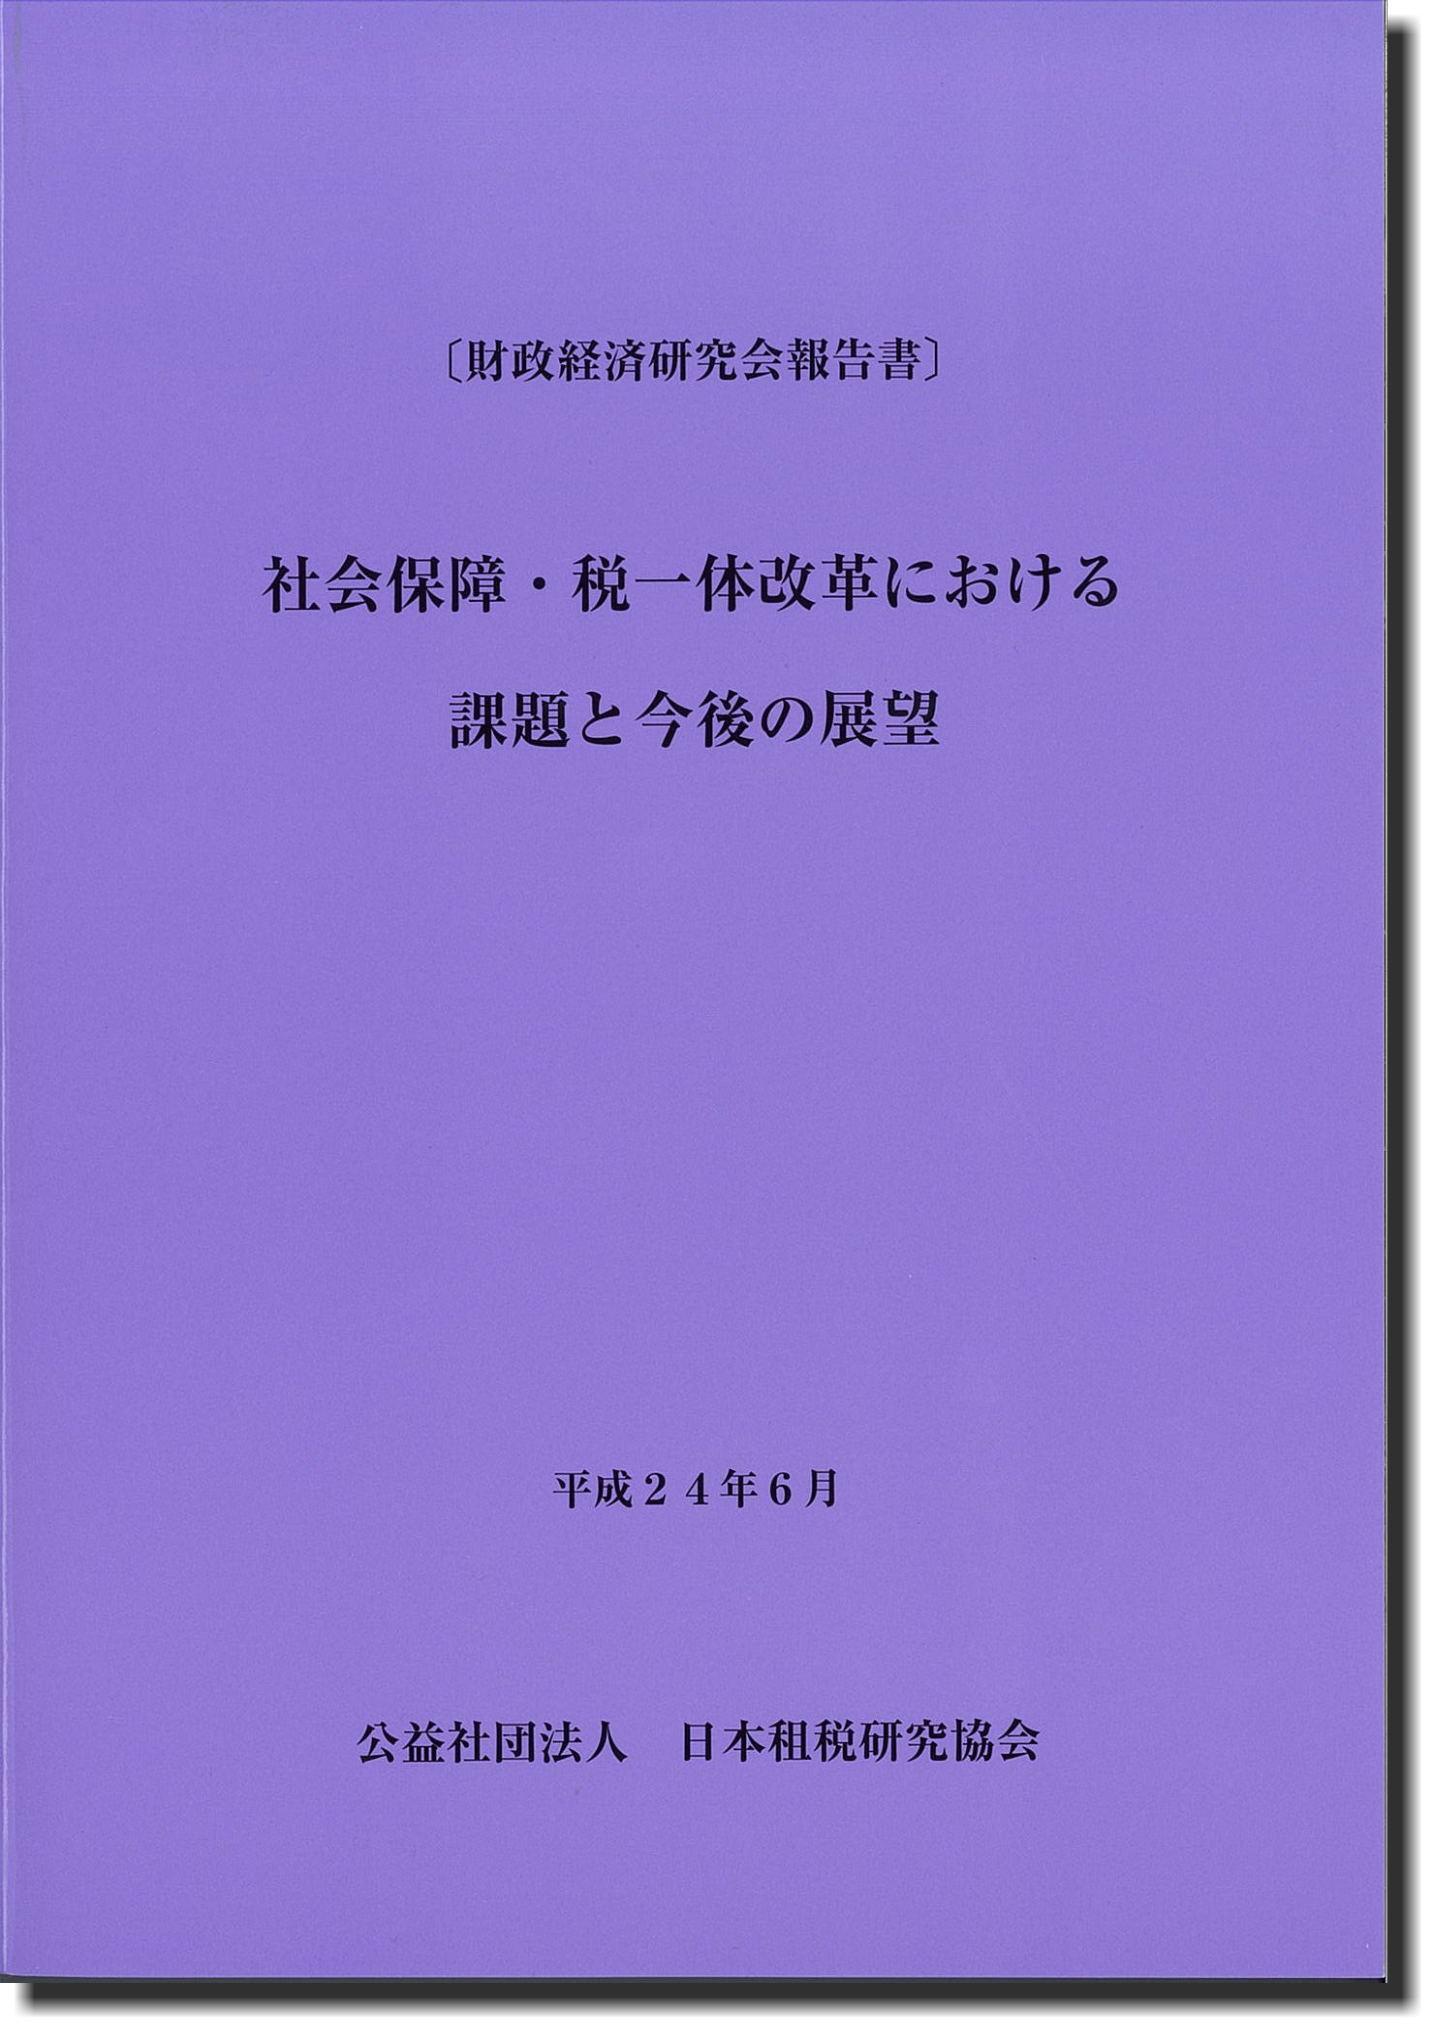 〔財政経済研究会報告書〕 社会保障・税一体改革における課題と今後の展望